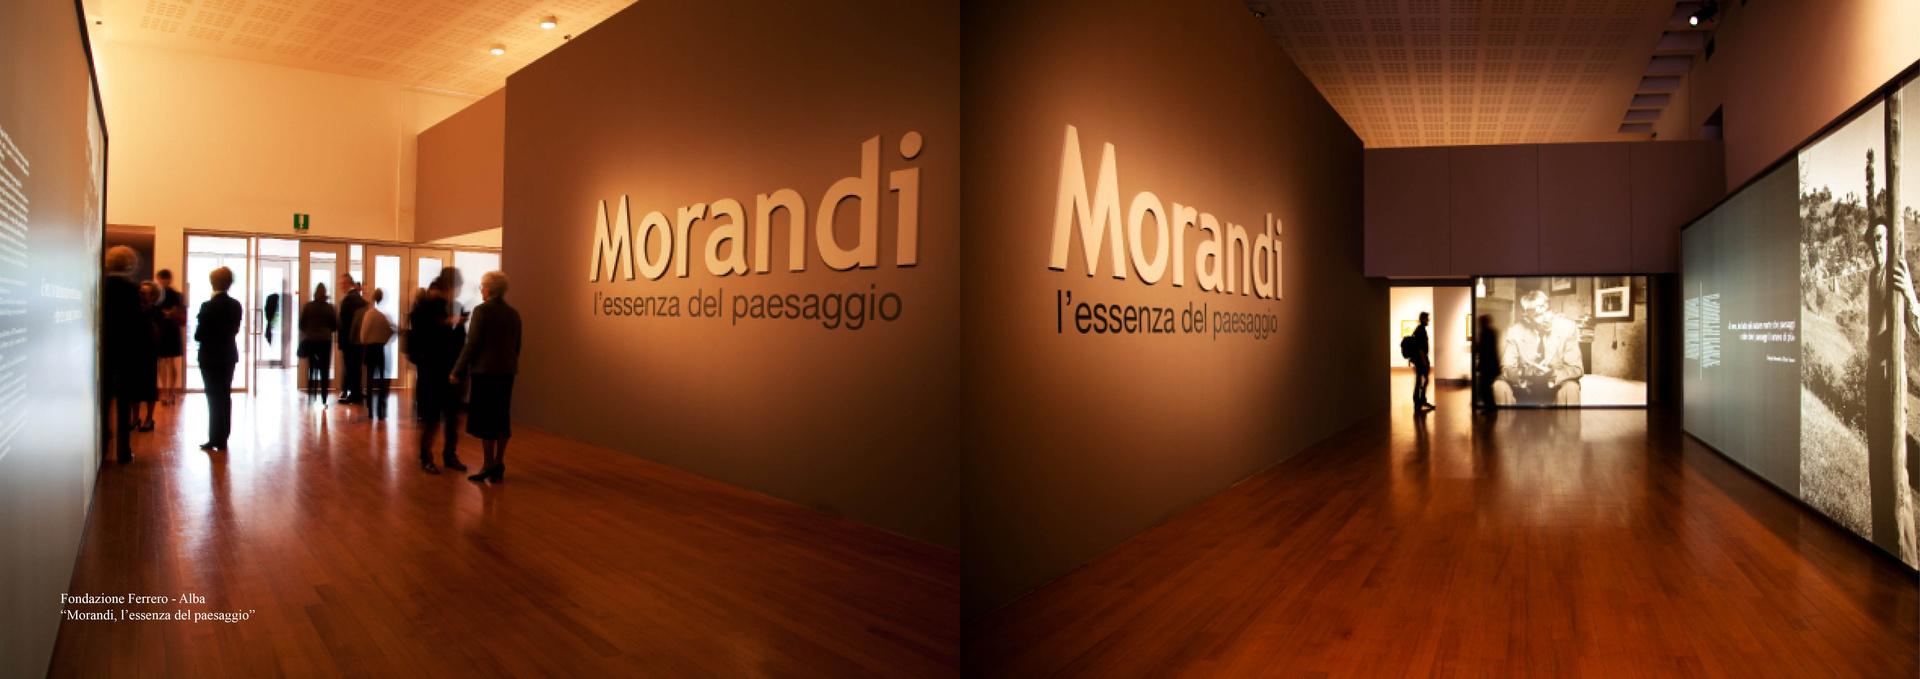 """""""Morandi, l'essenza del paesaggio"""""""